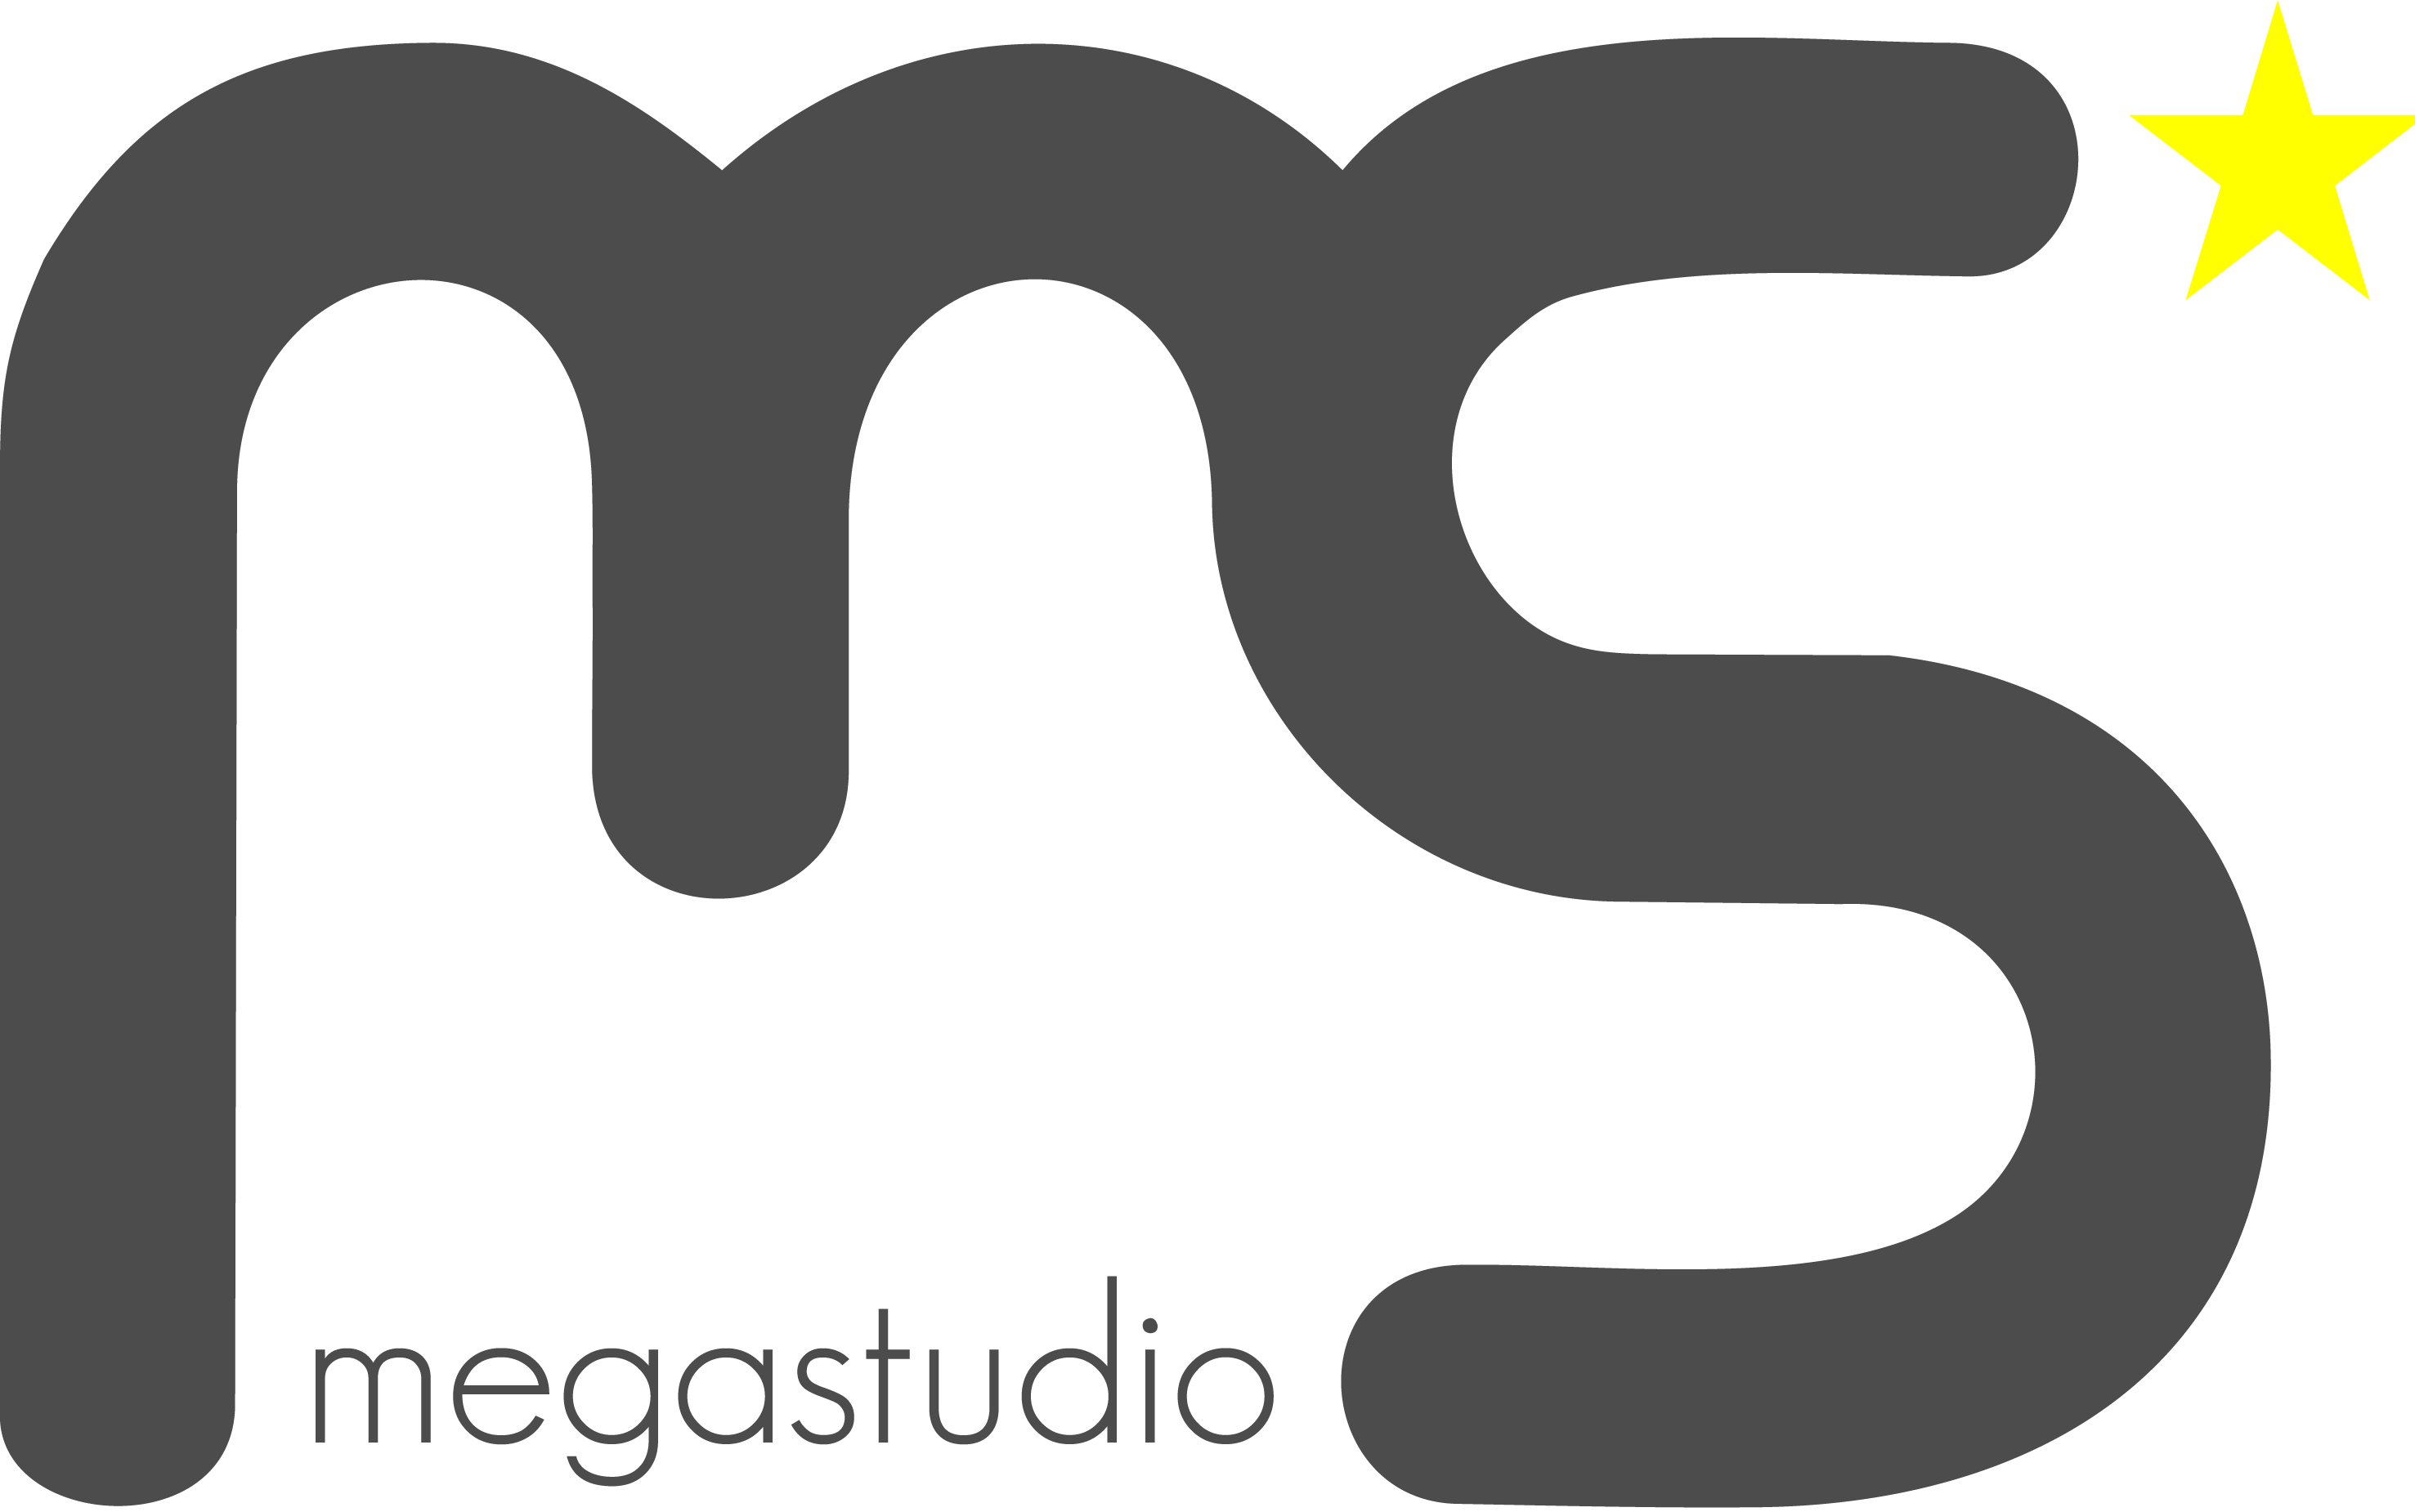 MegaStudio - Estúdio fotográfico para aluguel.